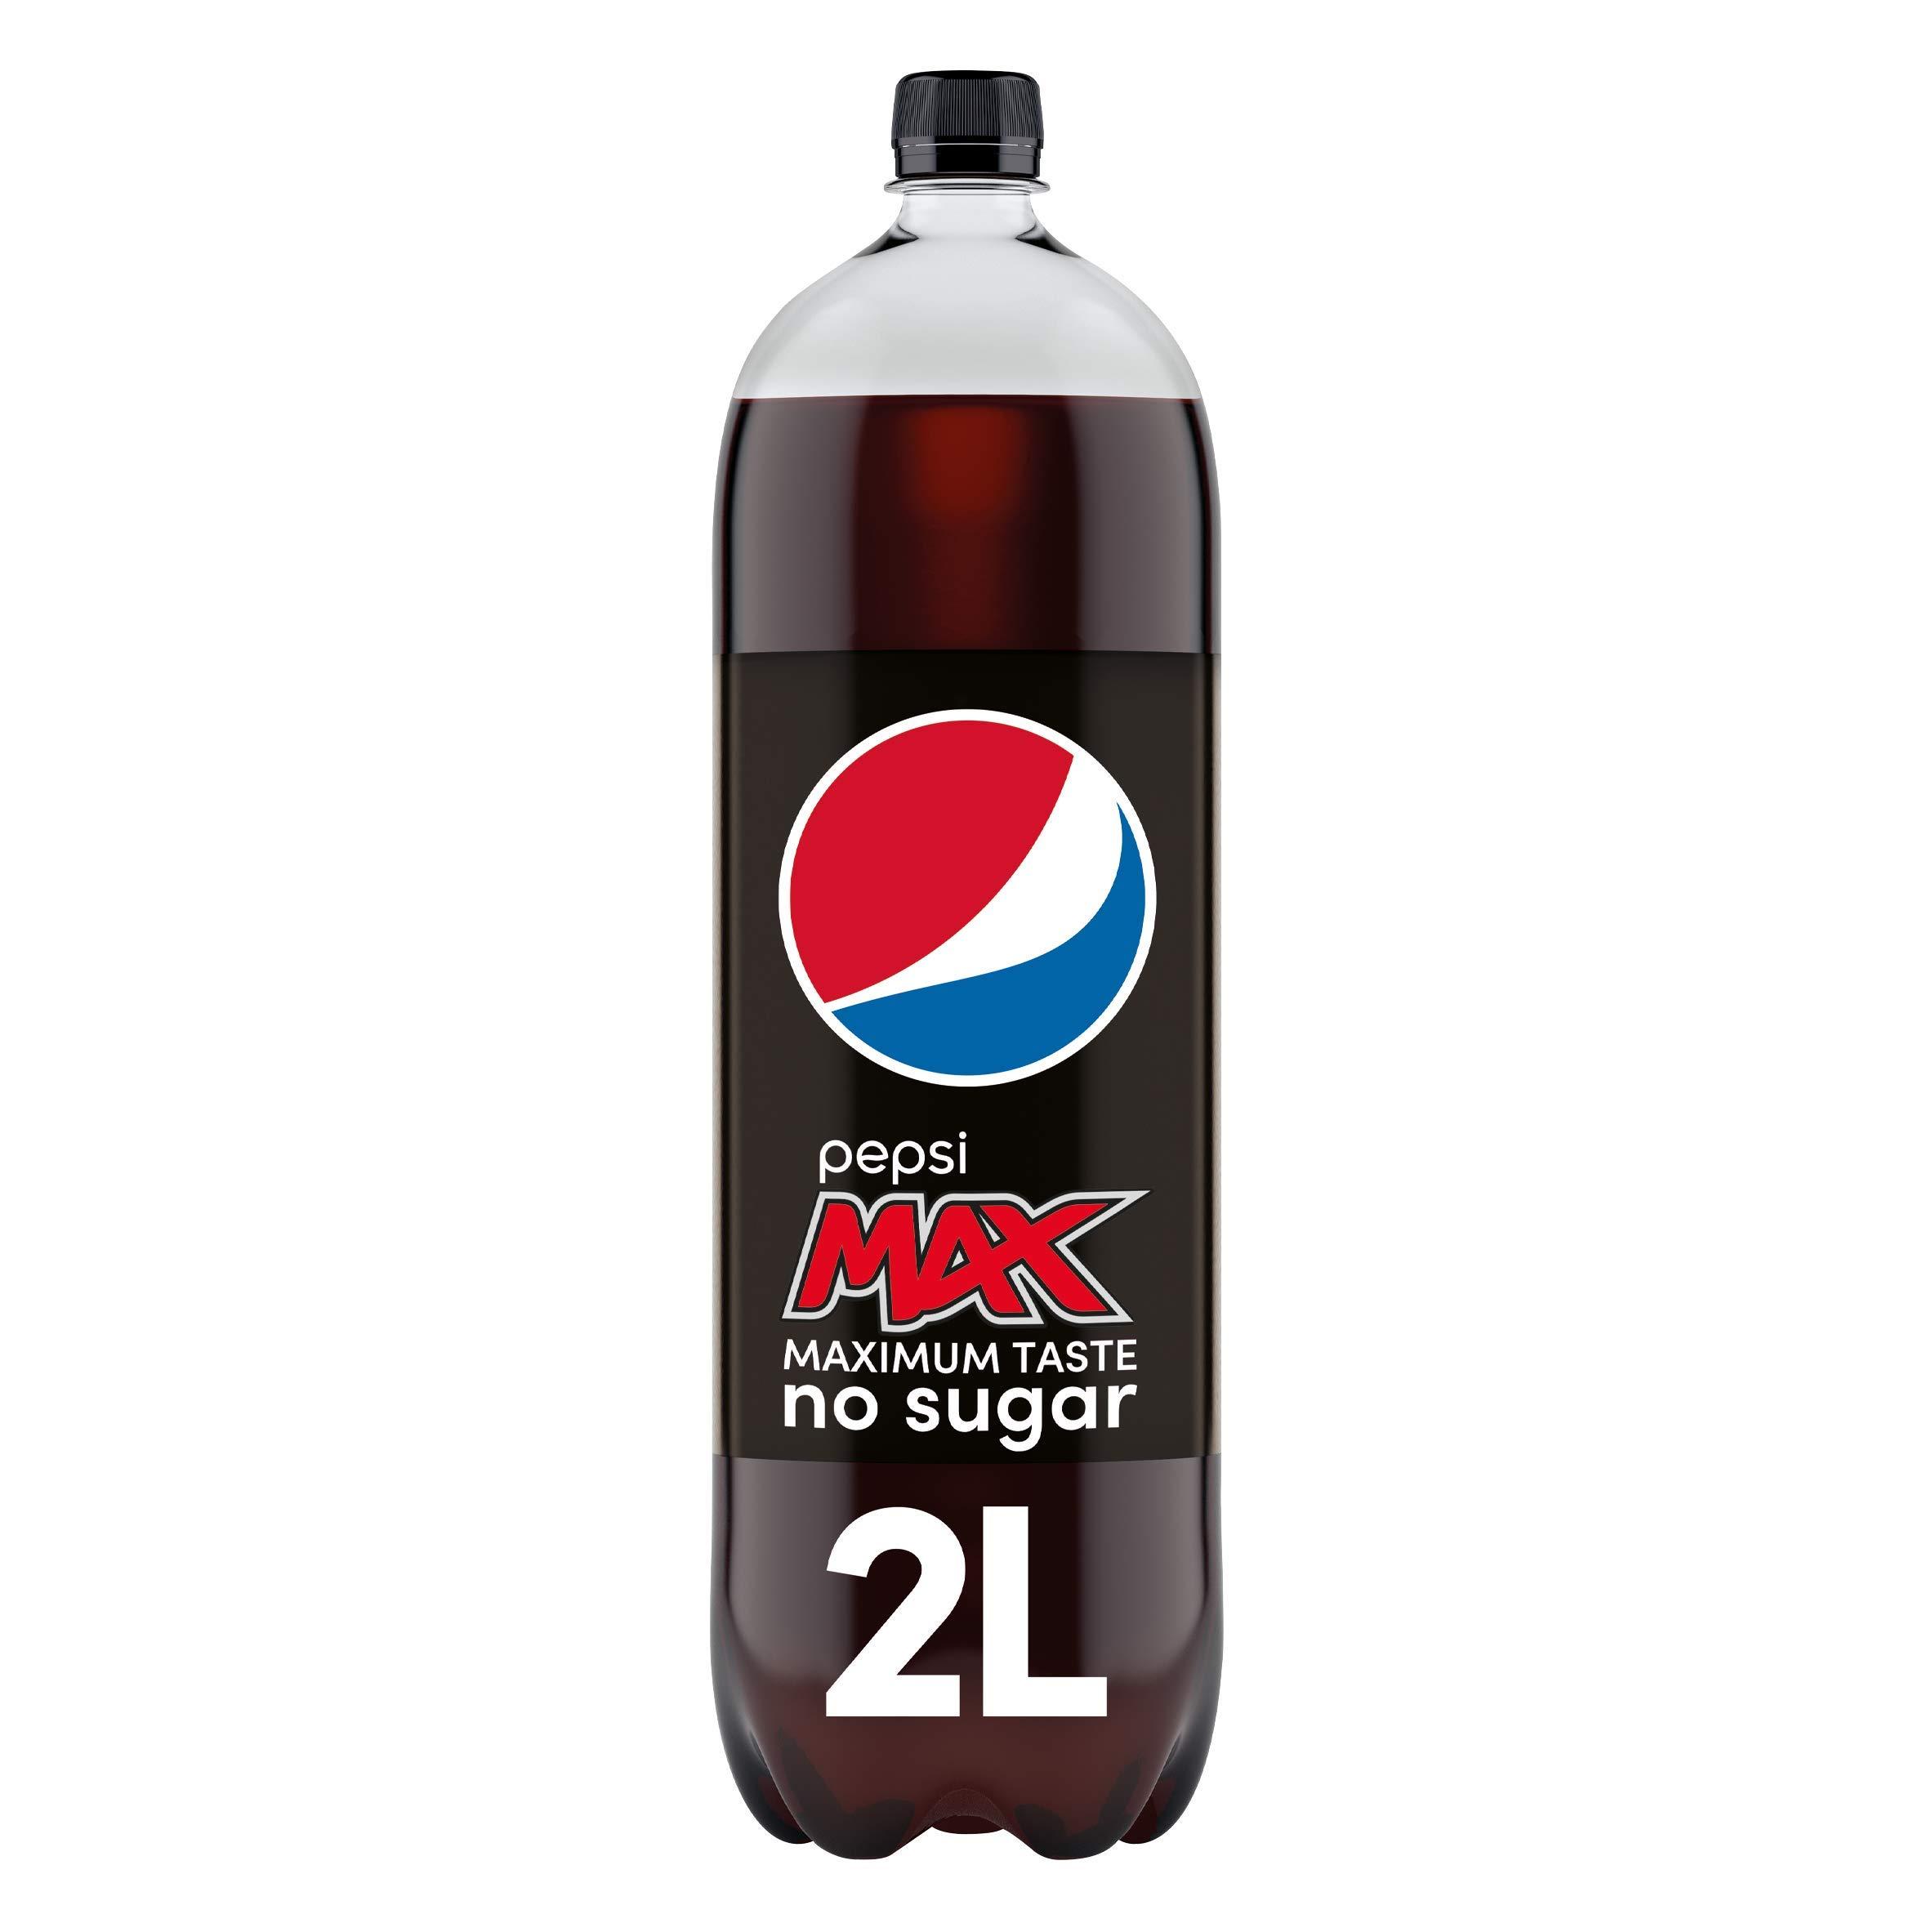 Pepsi Max No Sugar Bottle, 2L